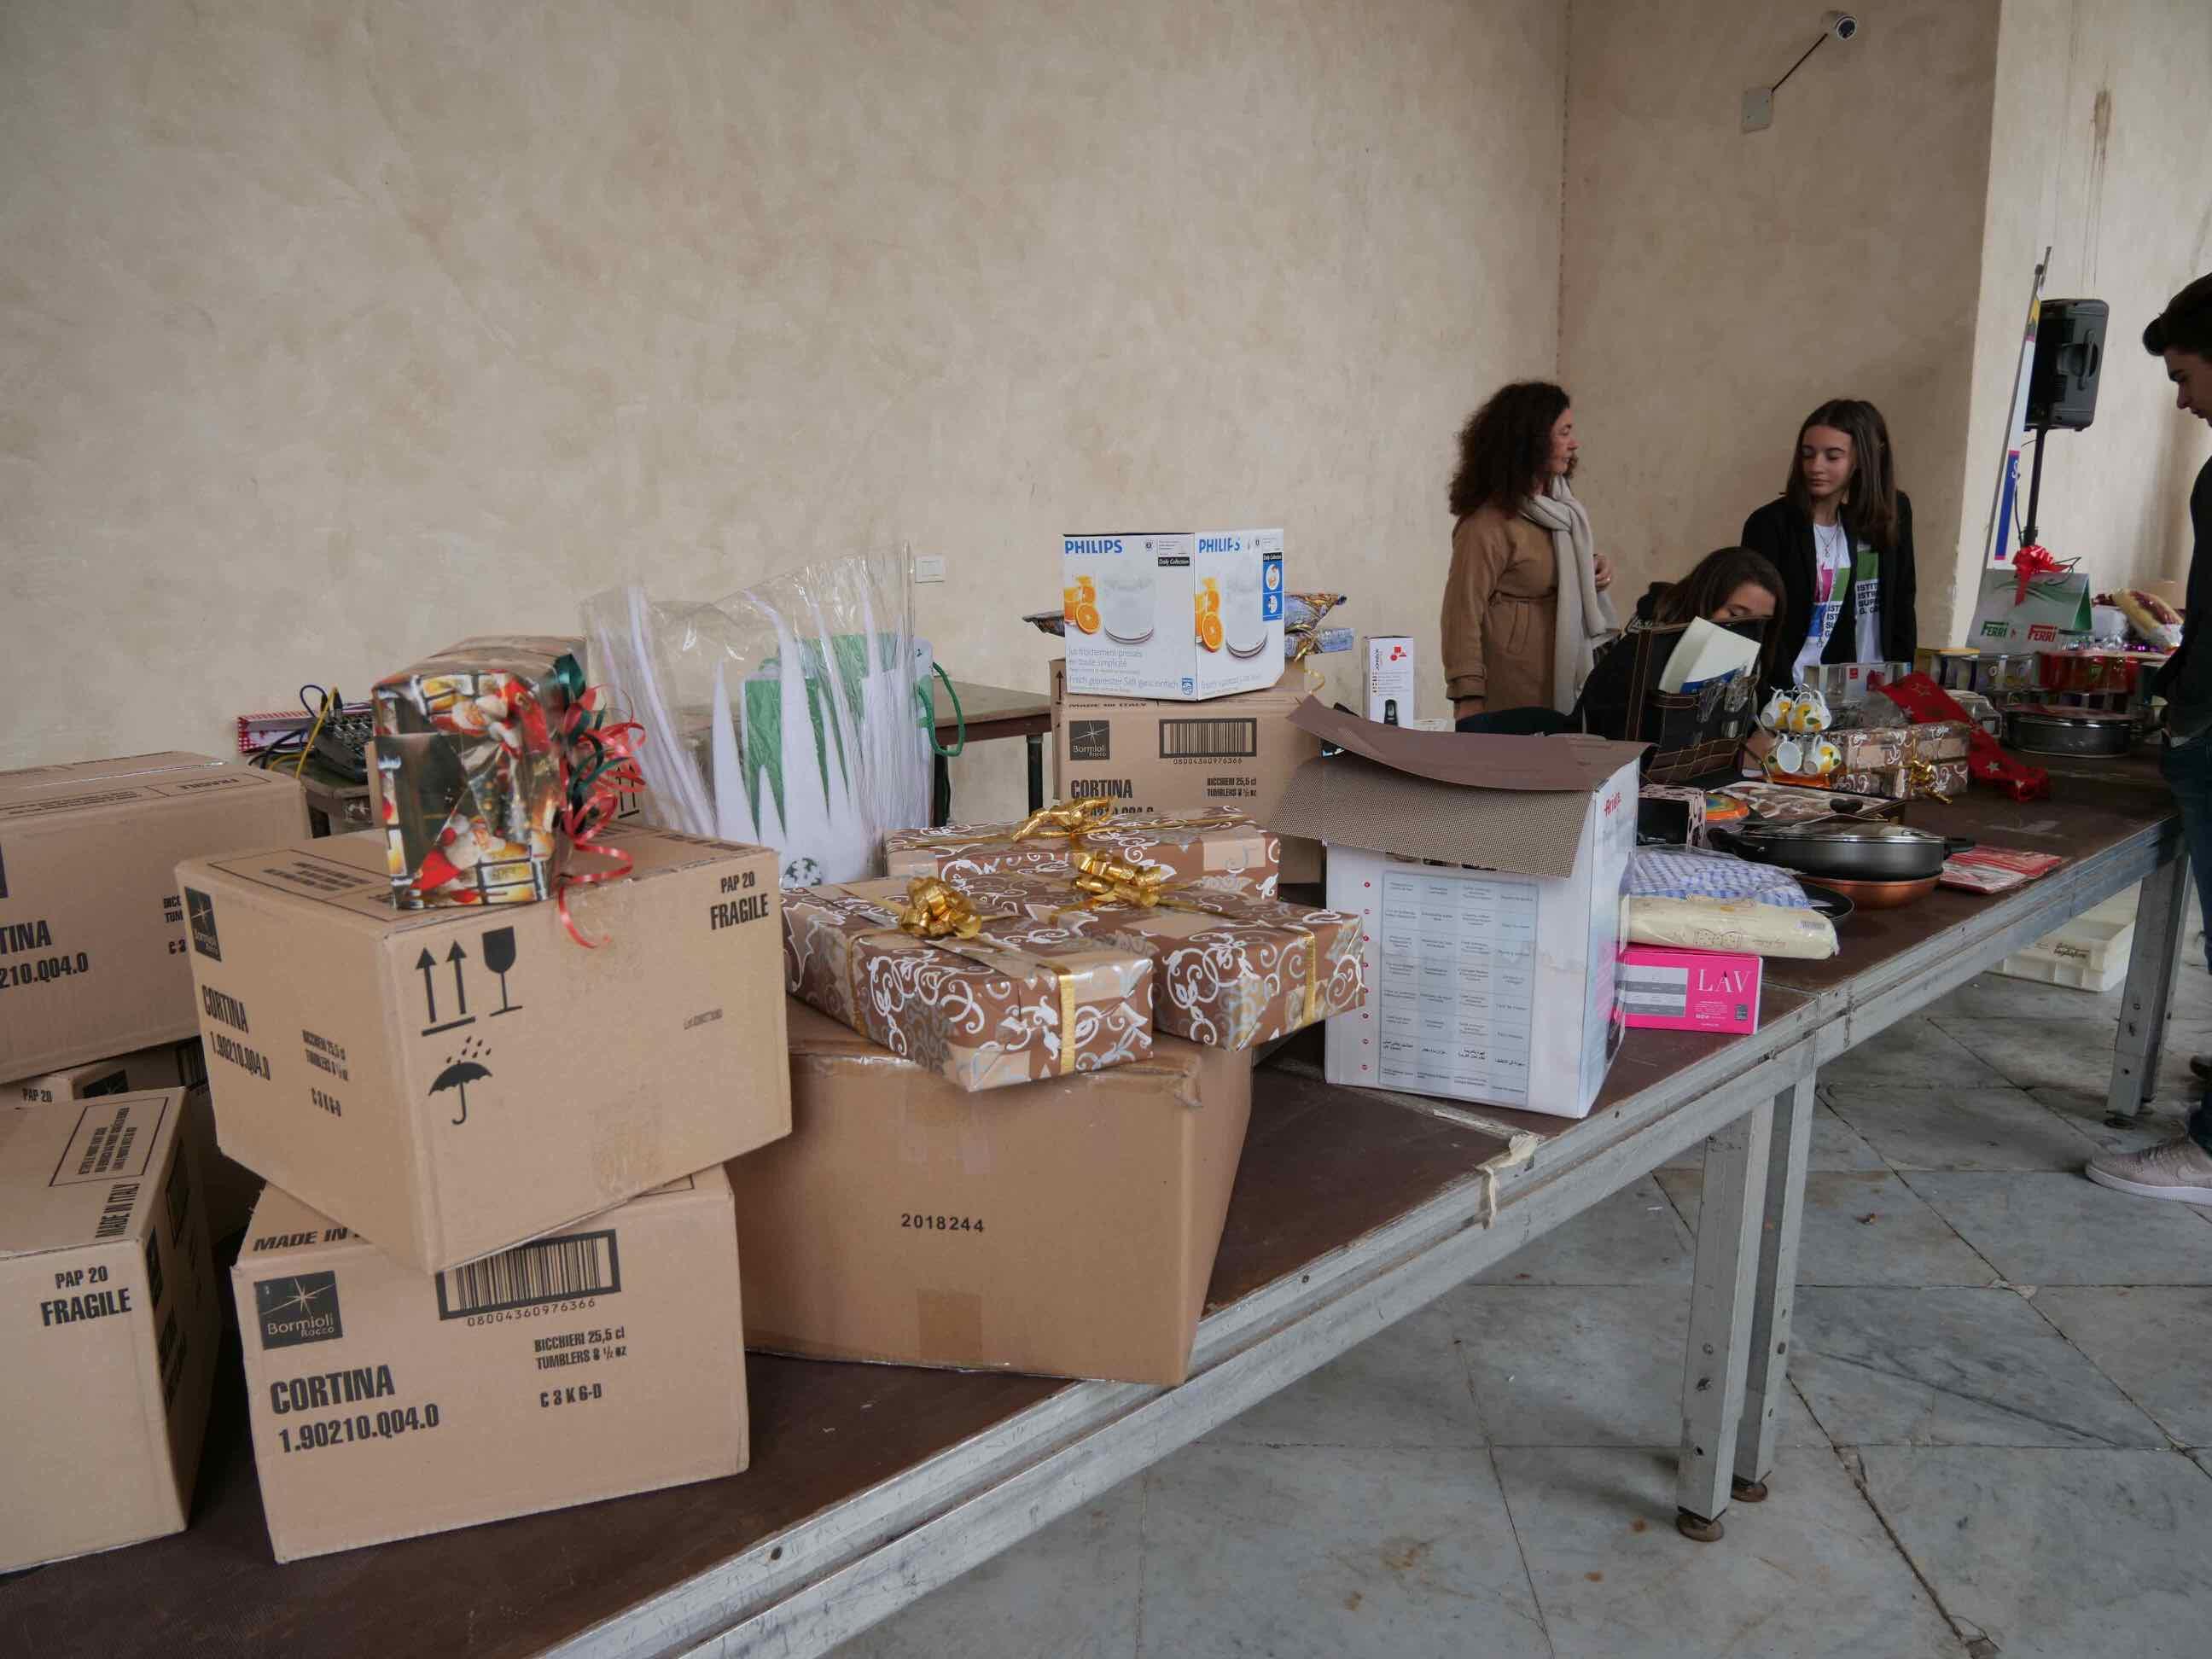 Torneo di pesto al mortaio e aperitivo di beneficienza a cura della Scuola Alberghiera di Lavagna - 4